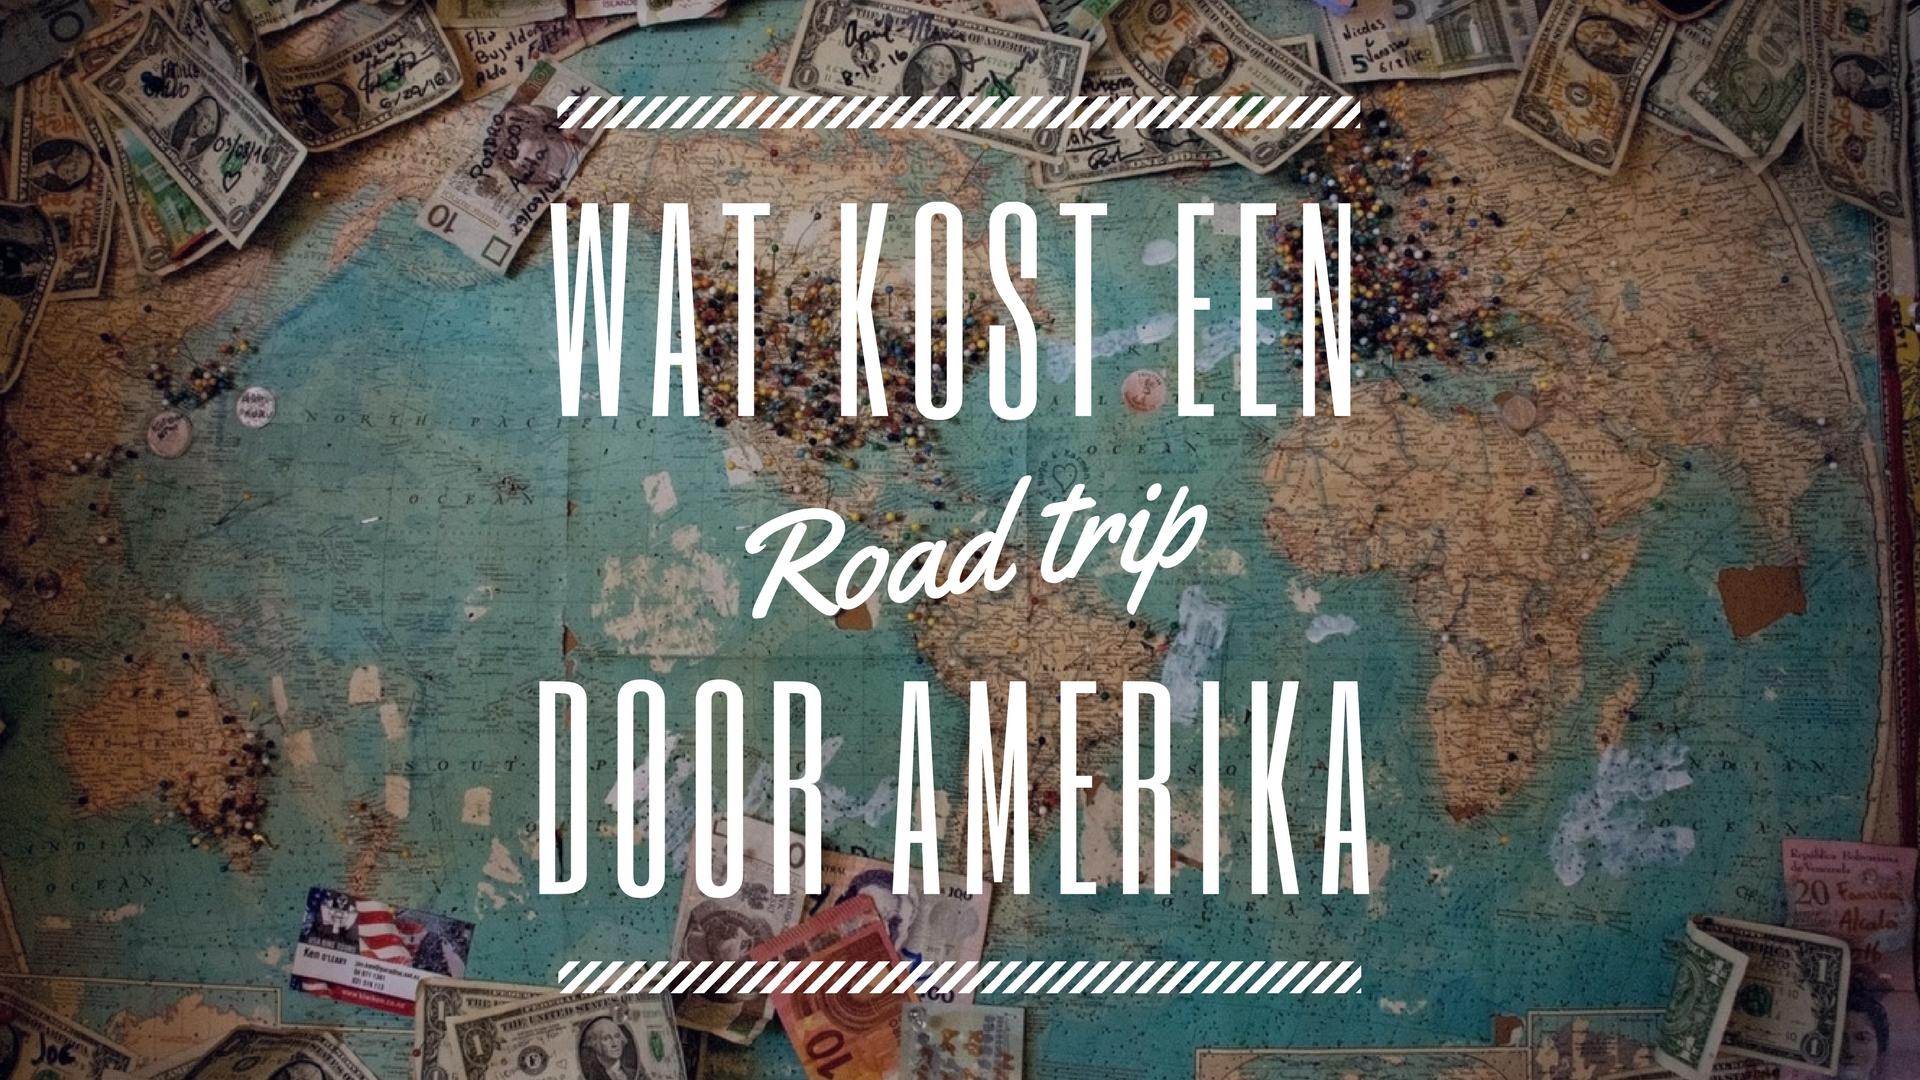 wat kost een road trip amerika 3 weken